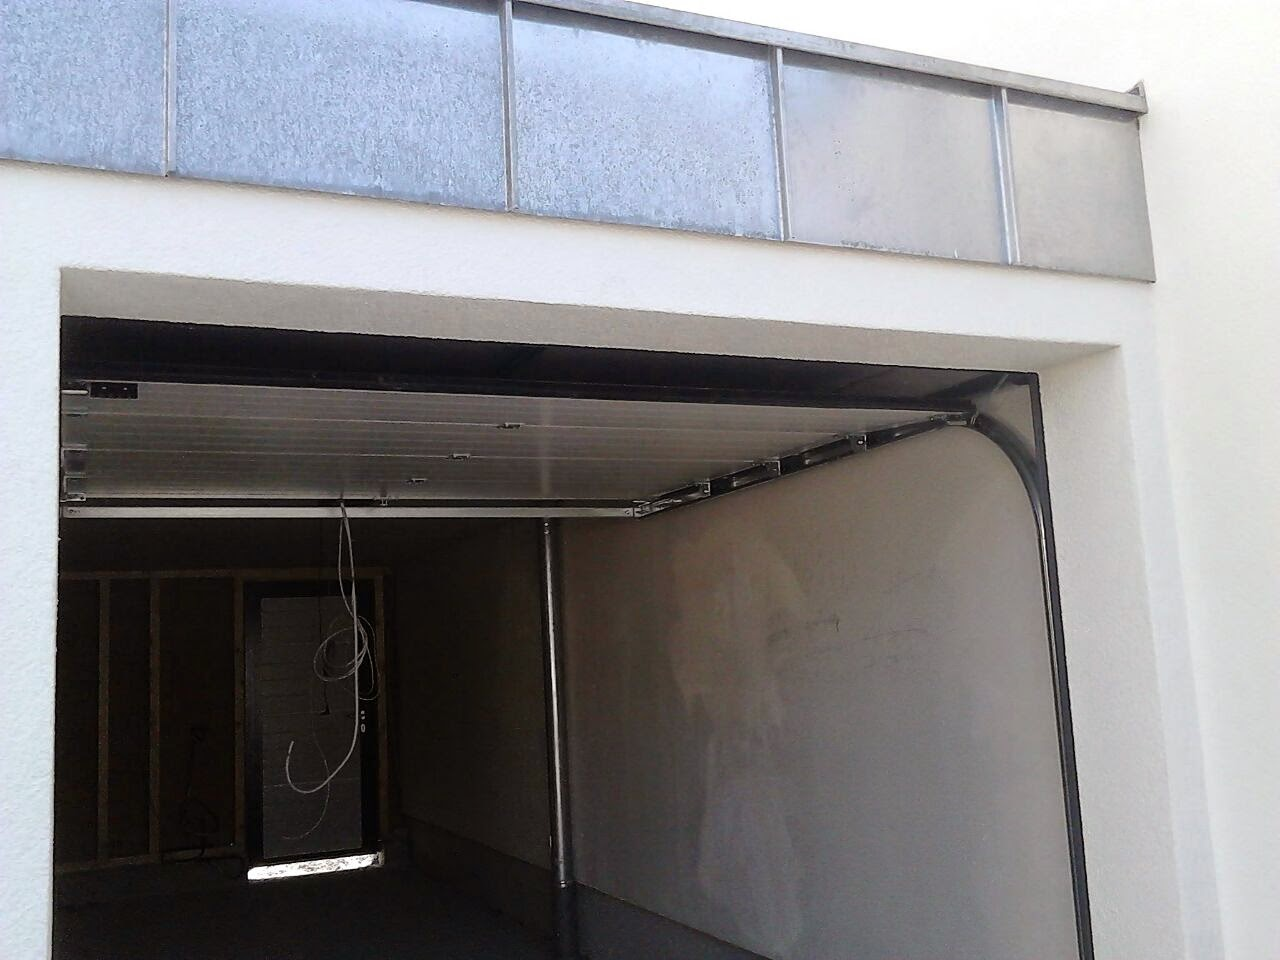 hausbau mit fertighaus weiss bautagebuch garage. Black Bedroom Furniture Sets. Home Design Ideas